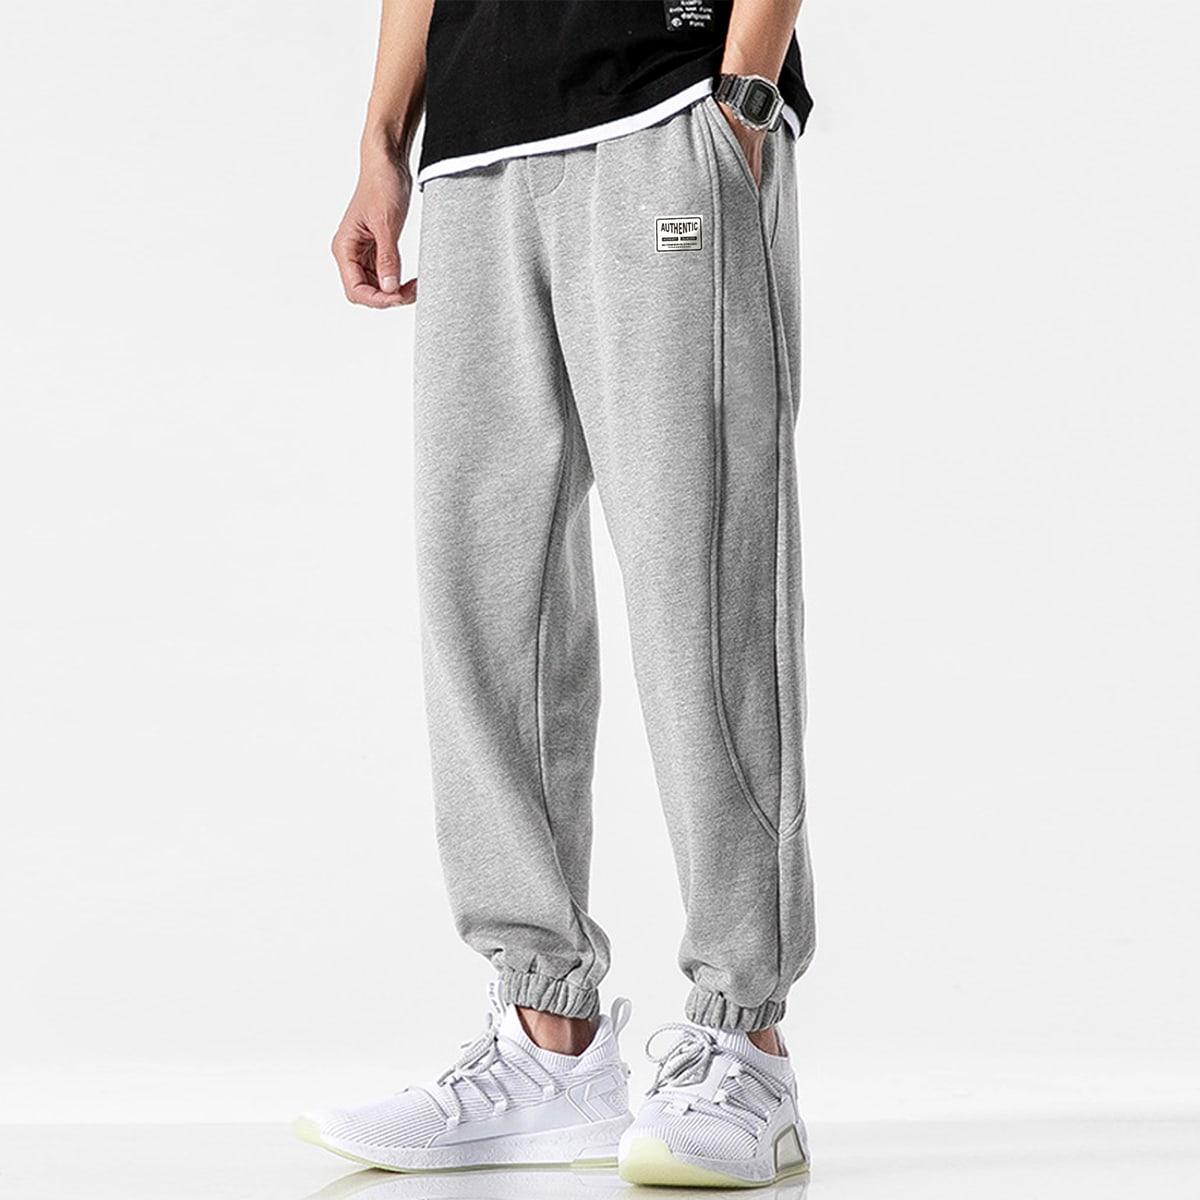 Мужские спортивные брюки с карманом